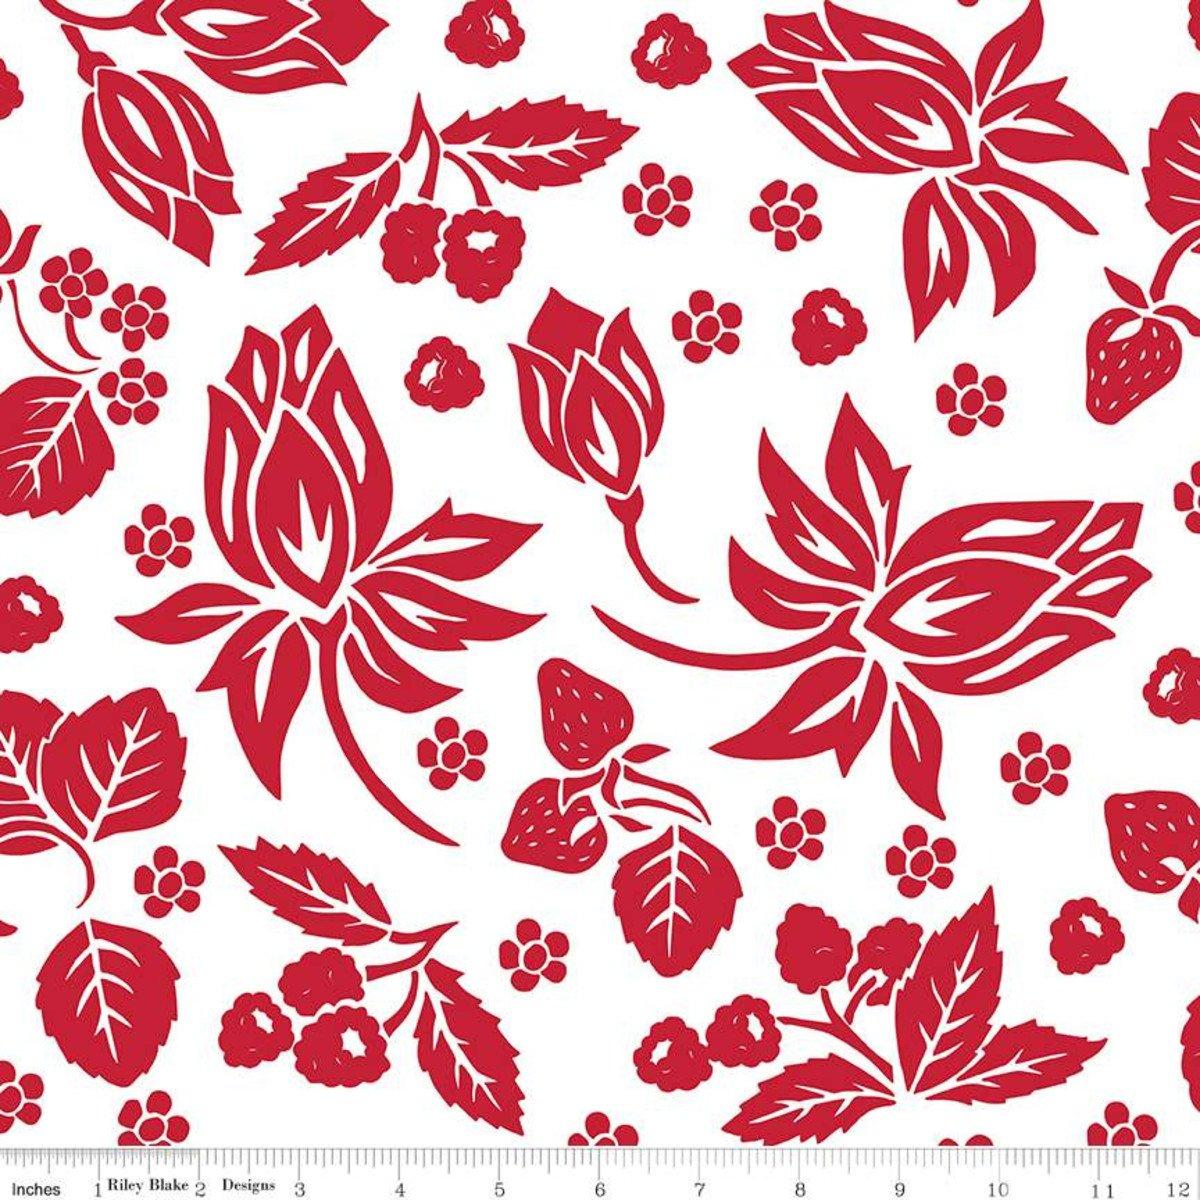 It's the Berries White Main Print